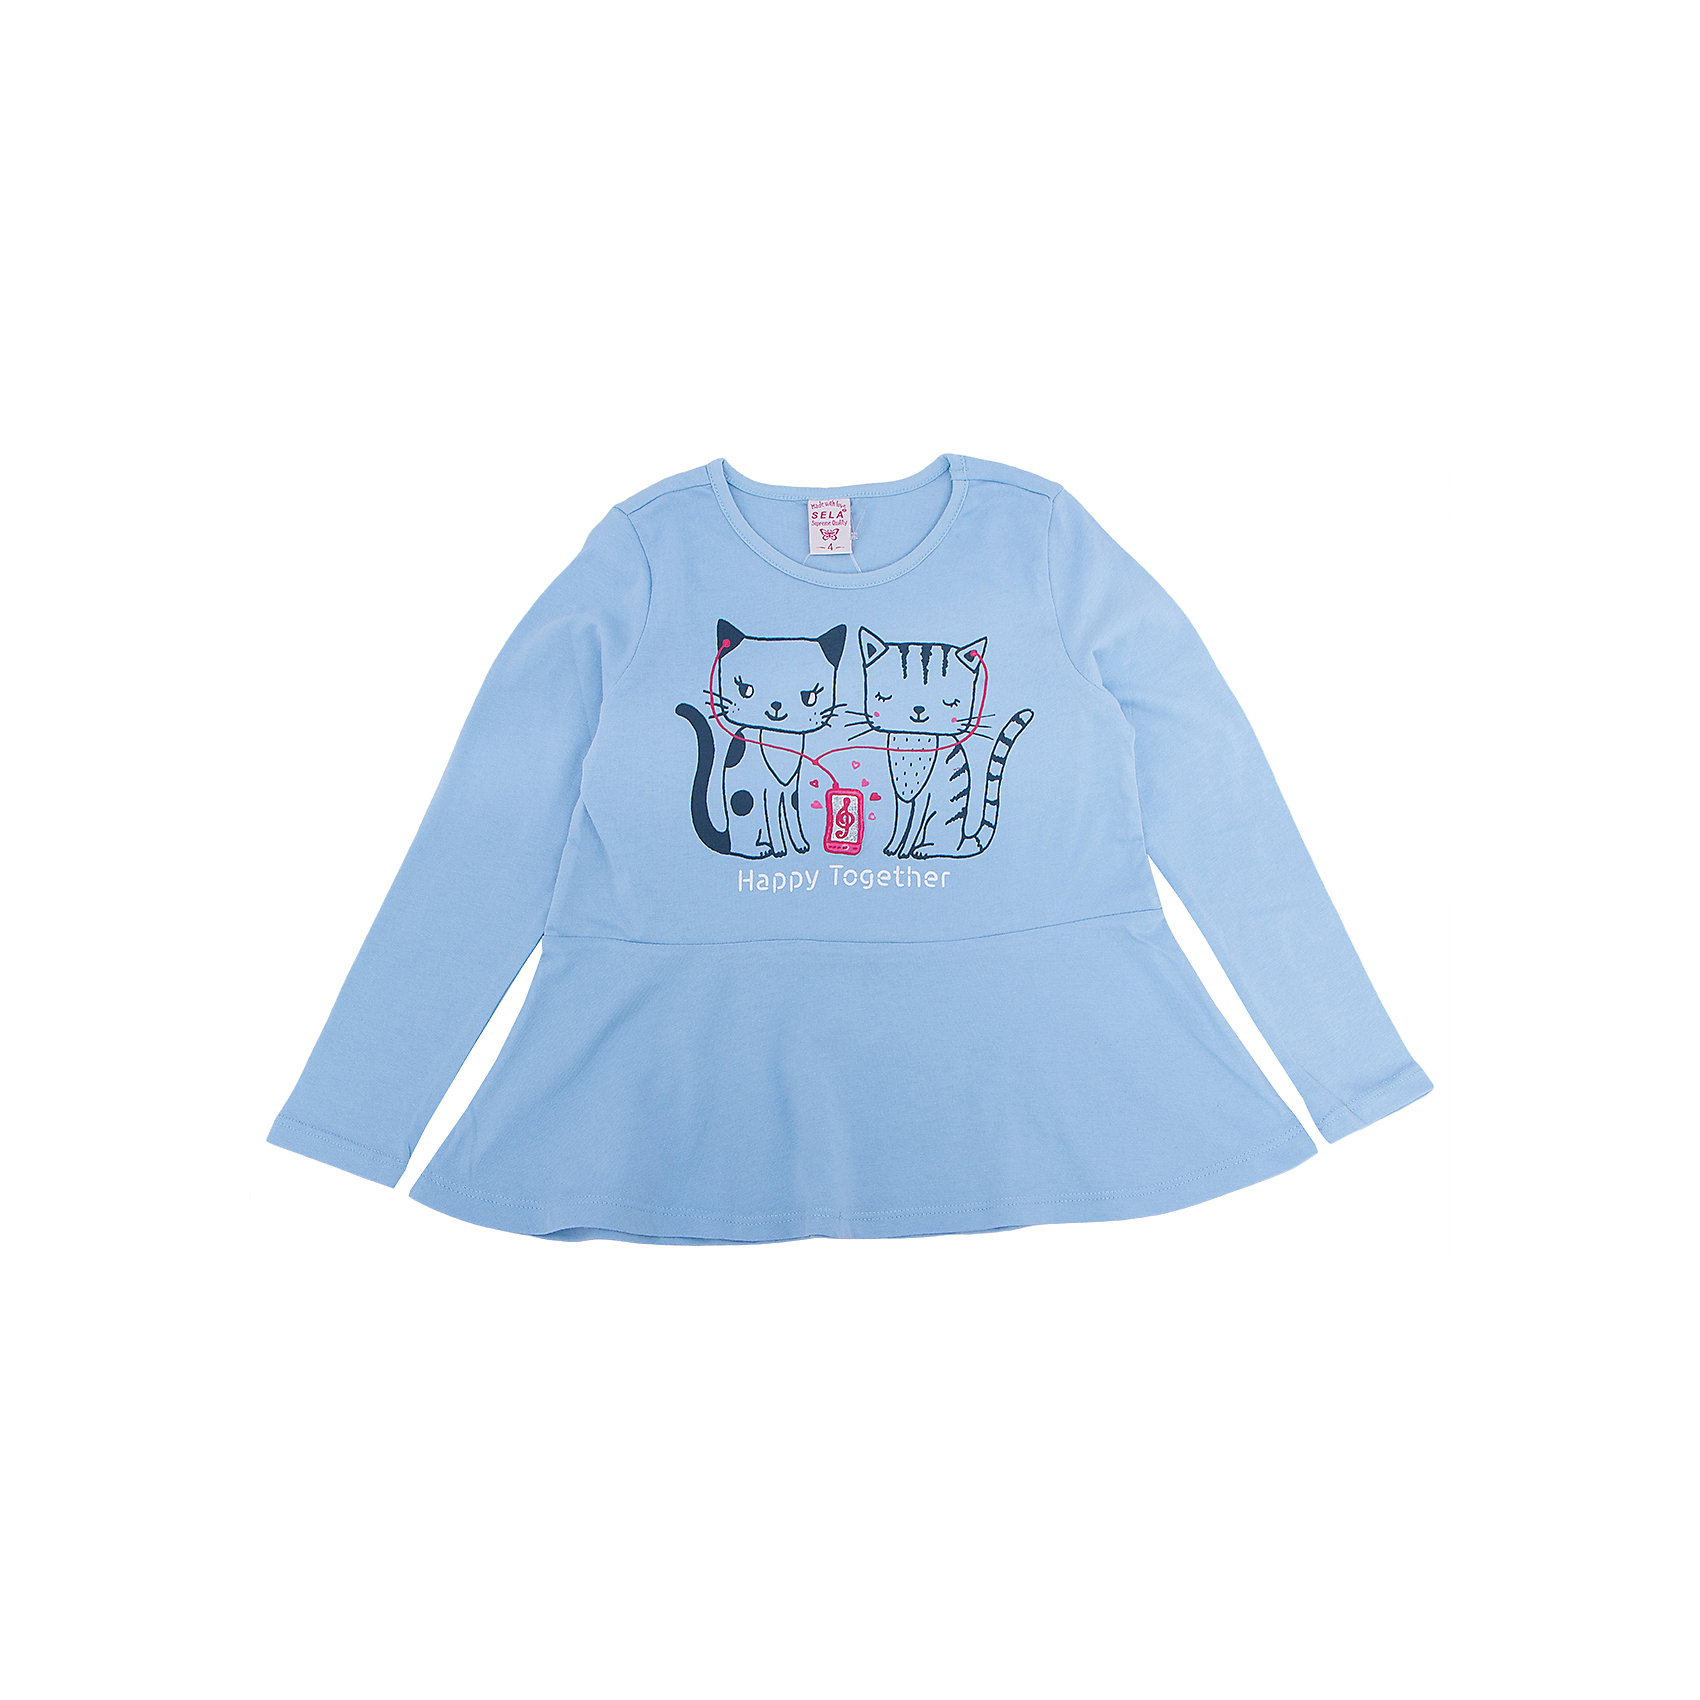 Платье для девочки SELAПлатья и сарафаны<br>Платье с принтом - очень модная вещь. Эта модель отлично сидит на ребенке, она смотрится стильно и нарядно. Приятная на ощупь ткань и качественная фурнитура обеспечивает ребенку комфорт. Модель станет отличной базовой вещью, которая будет уместна в различных сочетаниях.<br>Одежда от бренда Sela (Села) - это качество по приемлемым ценам. Многие российские родители уже оценили преимущества продукции этой компании и всё чаще приобретают одежду и аксессуары Sela.<br><br>Дополнительная информация:<br><br>цвет: голубой;<br>материал: 100% хлопок;<br>с принтом;<br>длинный рукав.<br><br>Платье для девочки от бренда Sela можно купить в нашем интернет-магазине.<br><br>Ширина мм: 236<br>Глубина мм: 16<br>Высота мм: 184<br>Вес г: 177<br>Цвет: голубой<br>Возраст от месяцев: 18<br>Возраст до месяцев: 24<br>Пол: Женский<br>Возраст: Детский<br>Размер: 92,116,98,104,110<br>SKU: 5008239